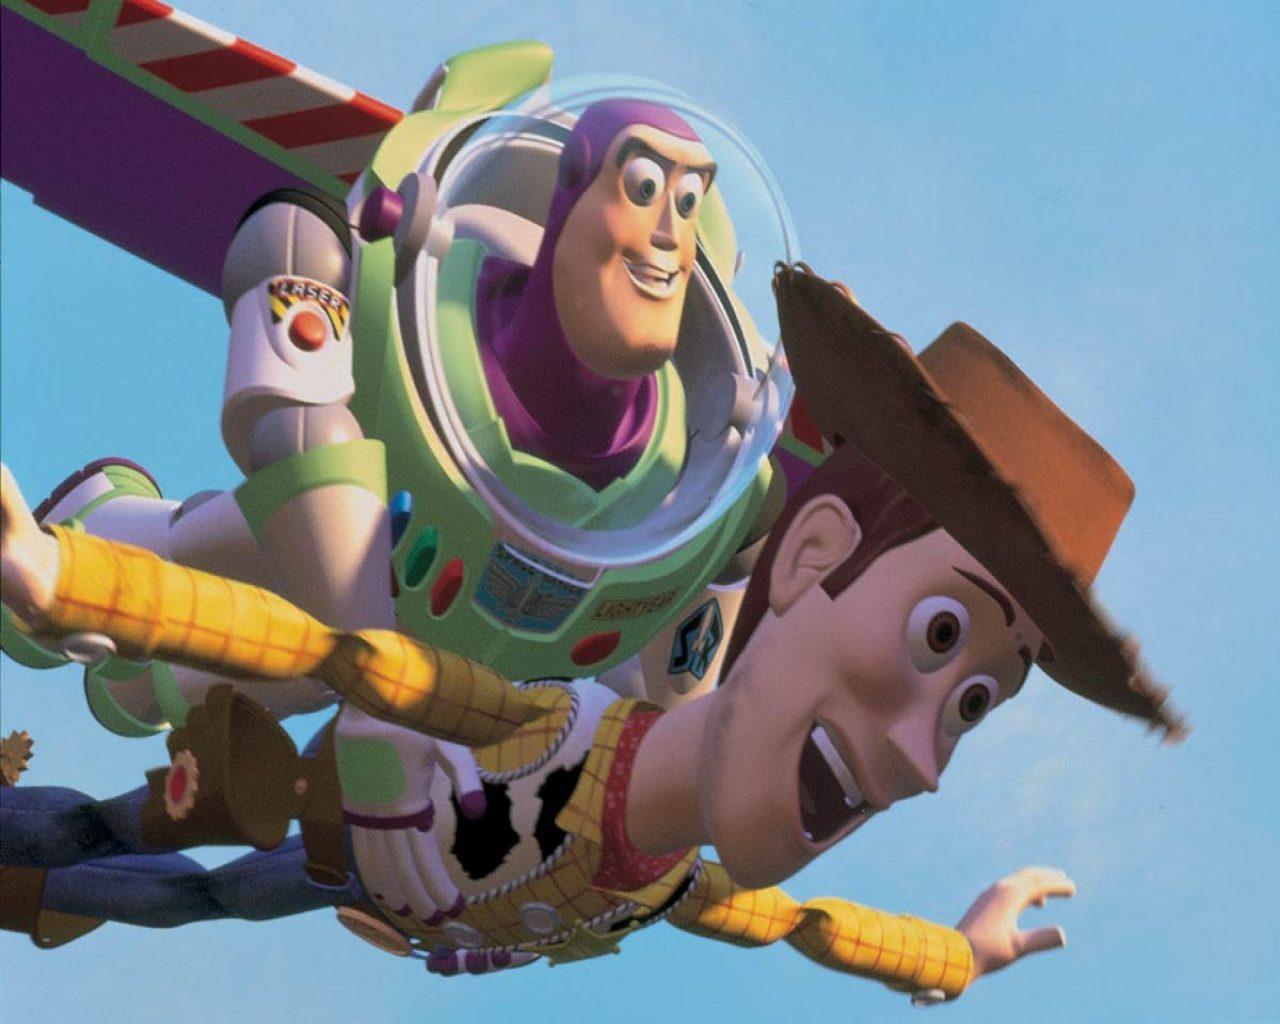 Free Download Buzz Lightyear Sheriff Woody Jessie Toy Story